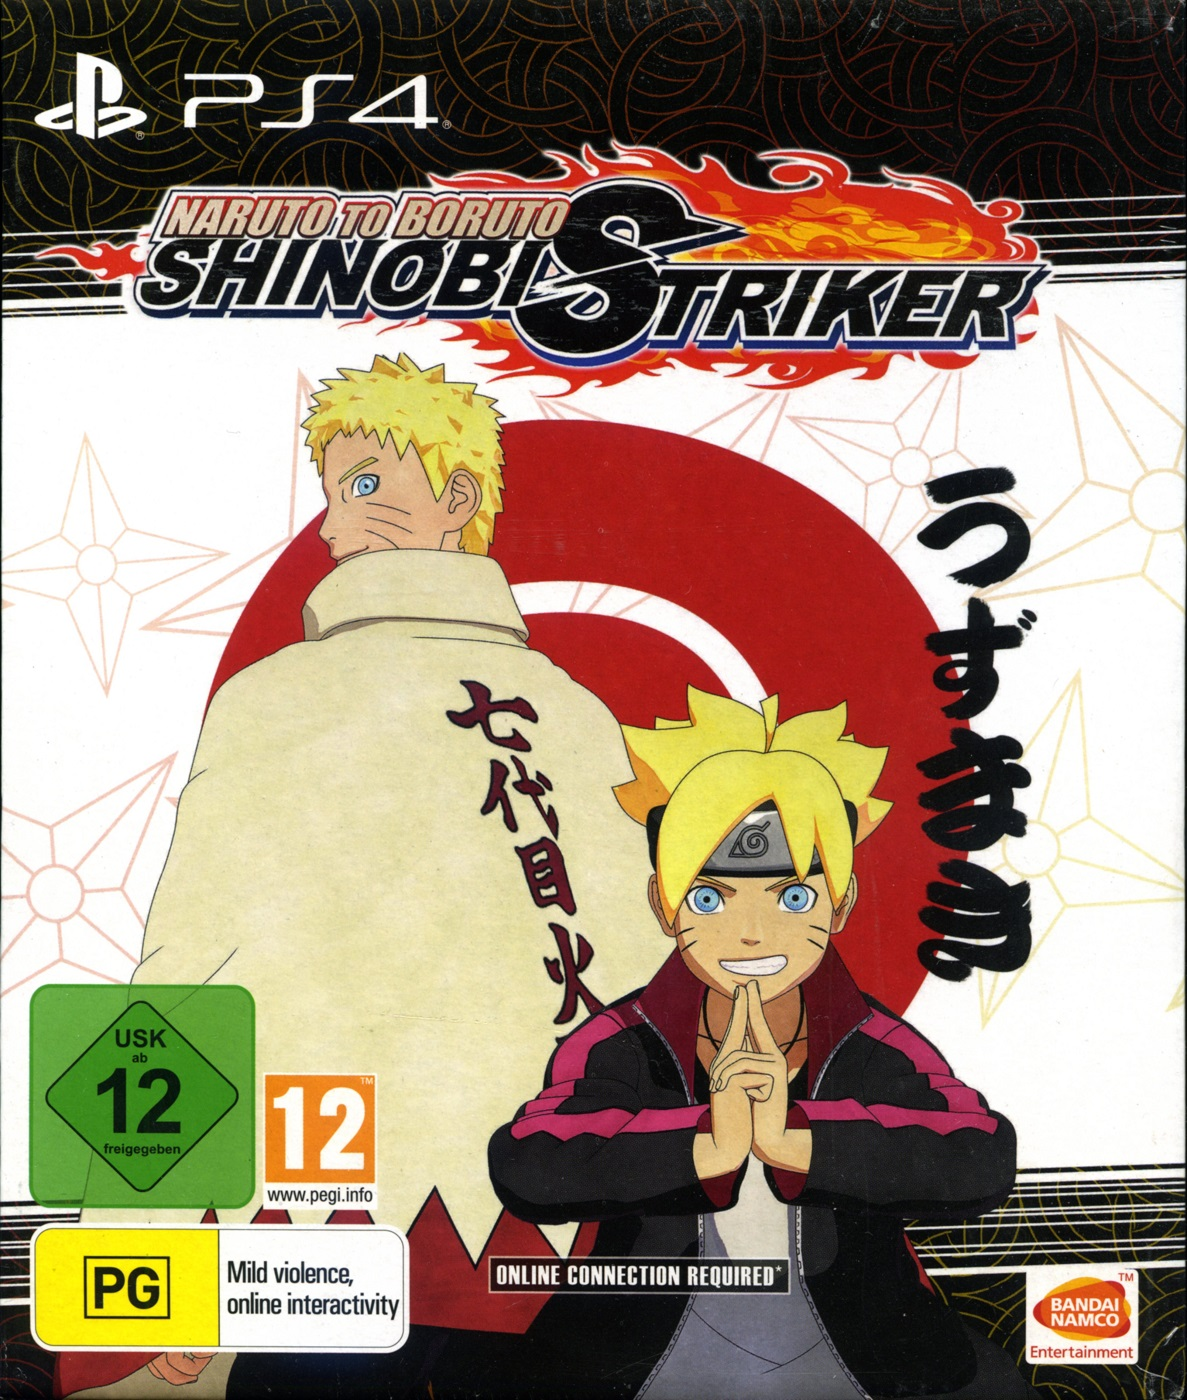 Naruto to Boruto: Shinobi Striker Uzumaki Collectors Edition - PS4